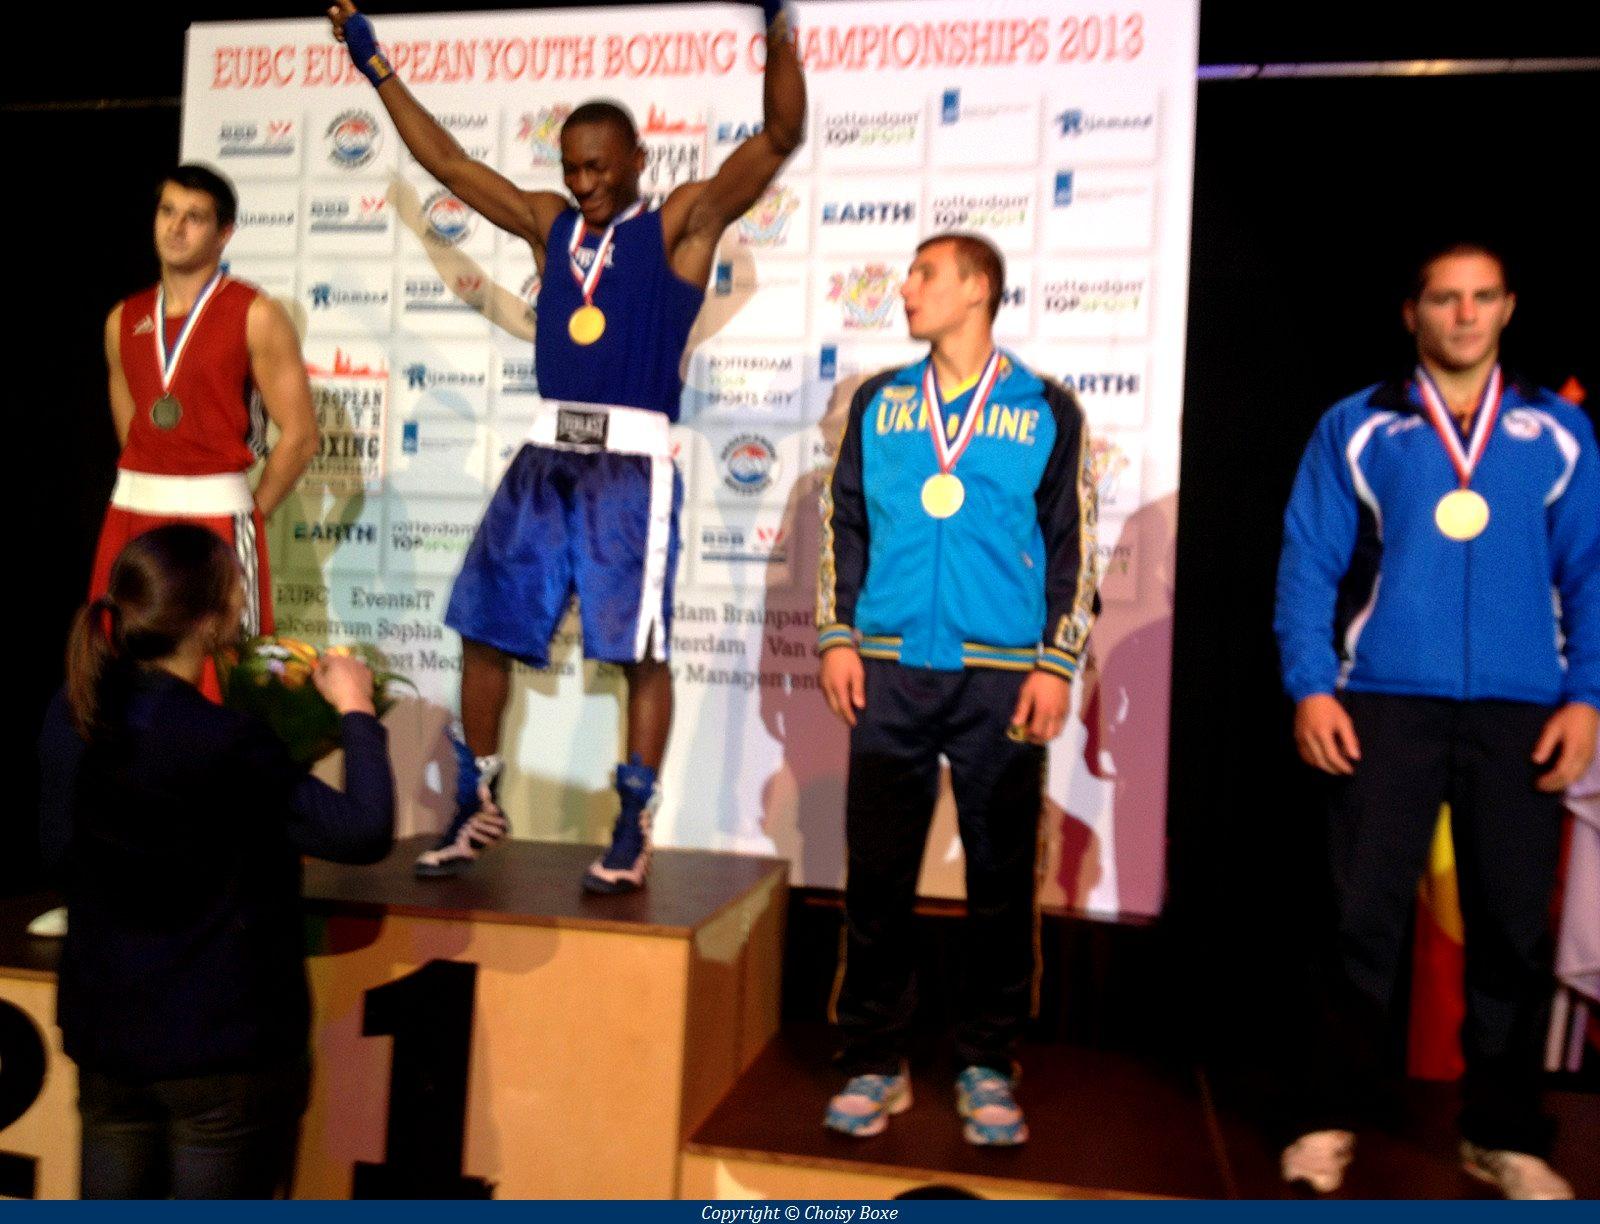 Le nouveau champion d'Europe amateur junior des poids moyens savoure sa victoire...